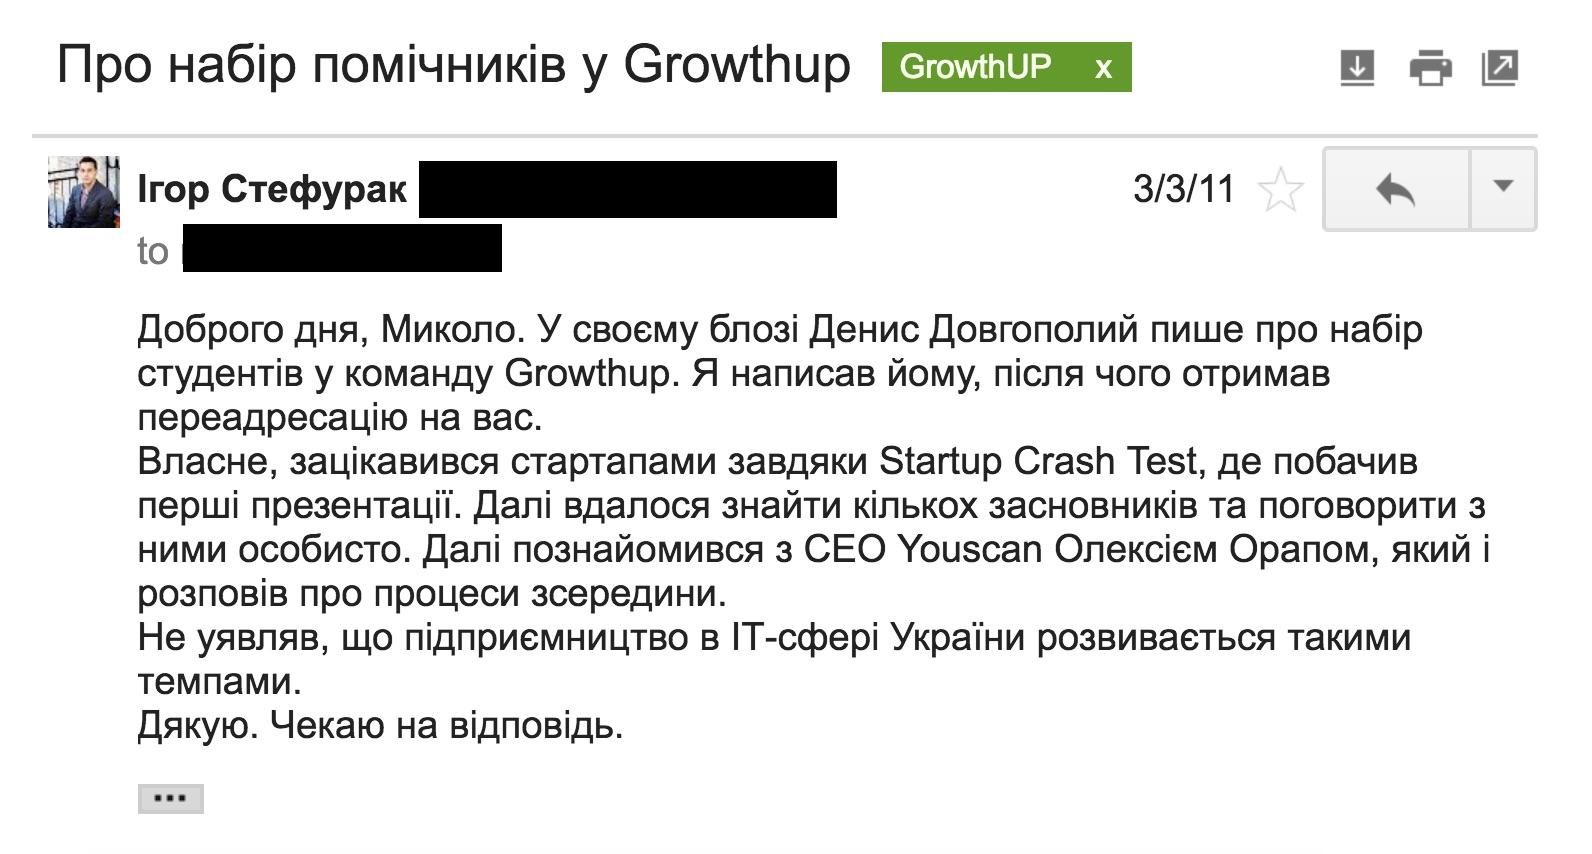 Знайшов у пошті лист від 3 березня 2011